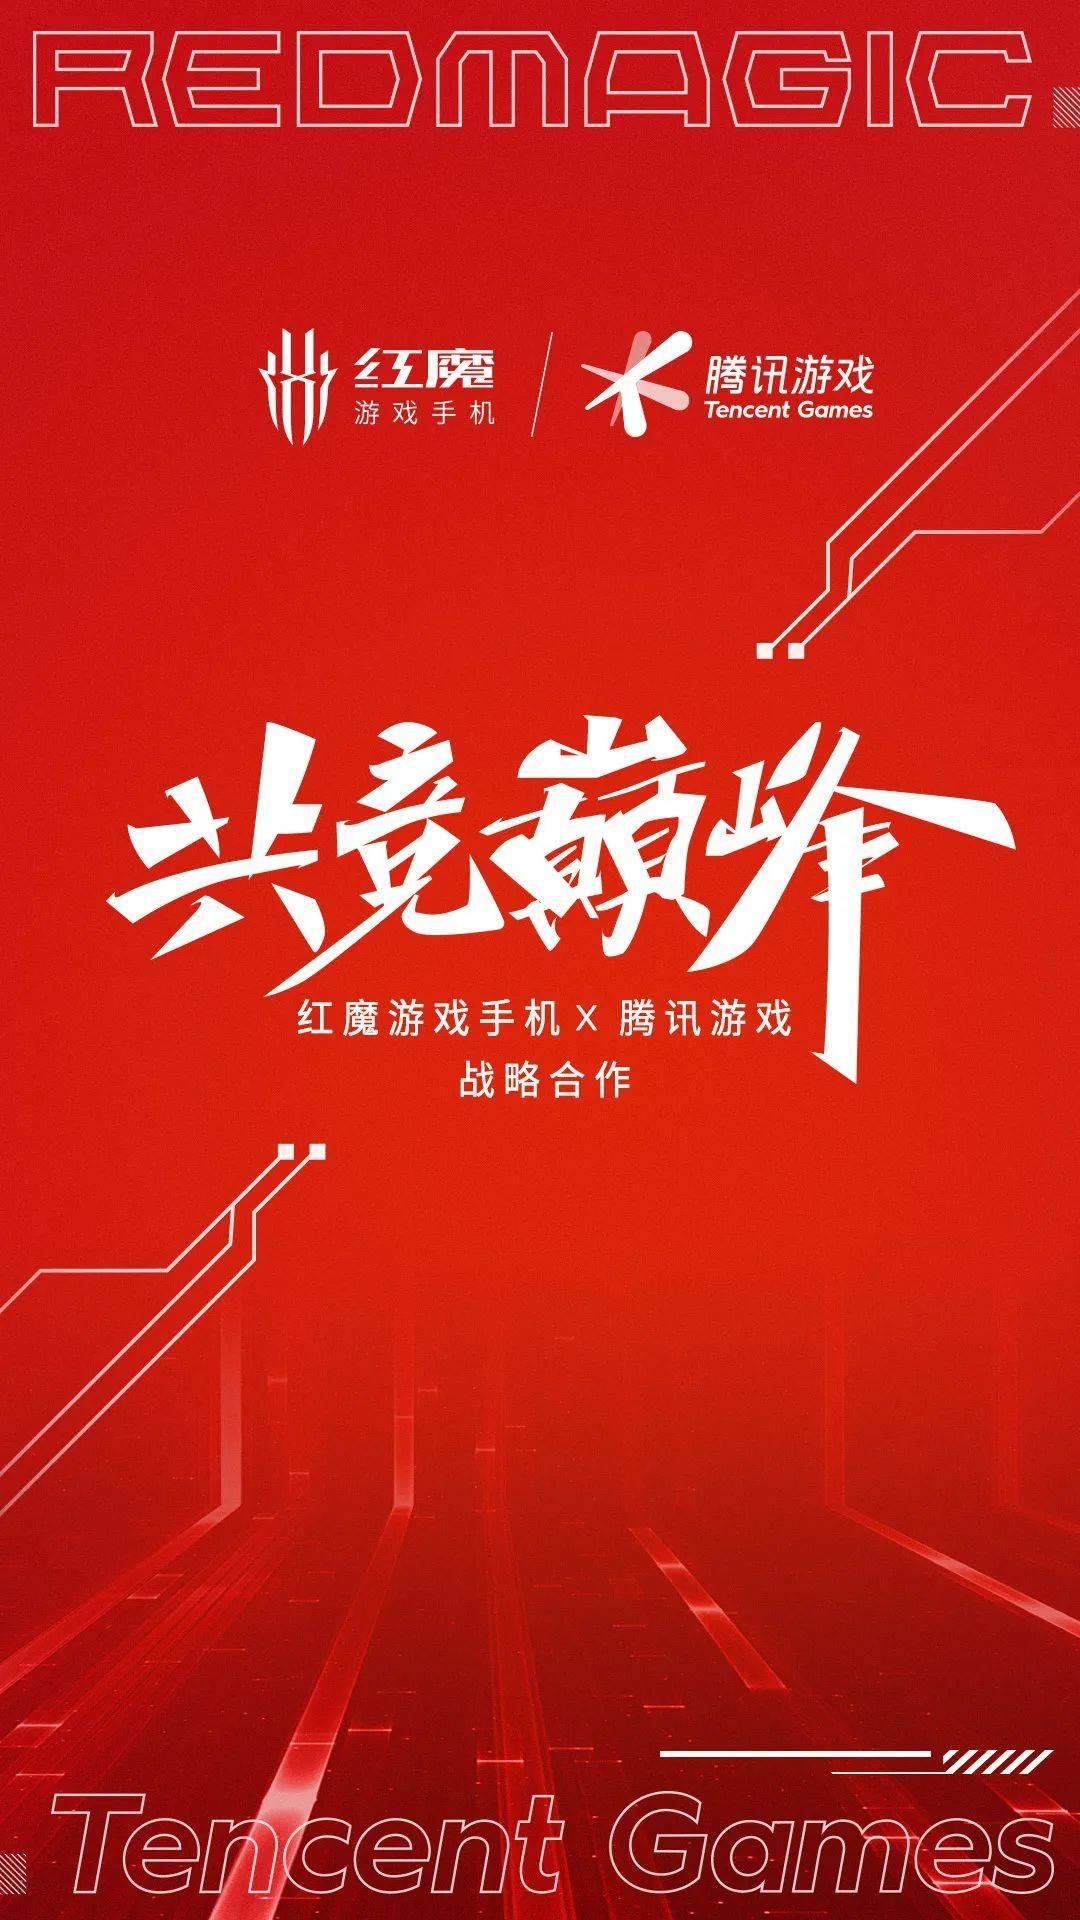 【旗舰】红魔6官宣:合作腾讯游戏 黑鲨ROG华为iQOO通吃?